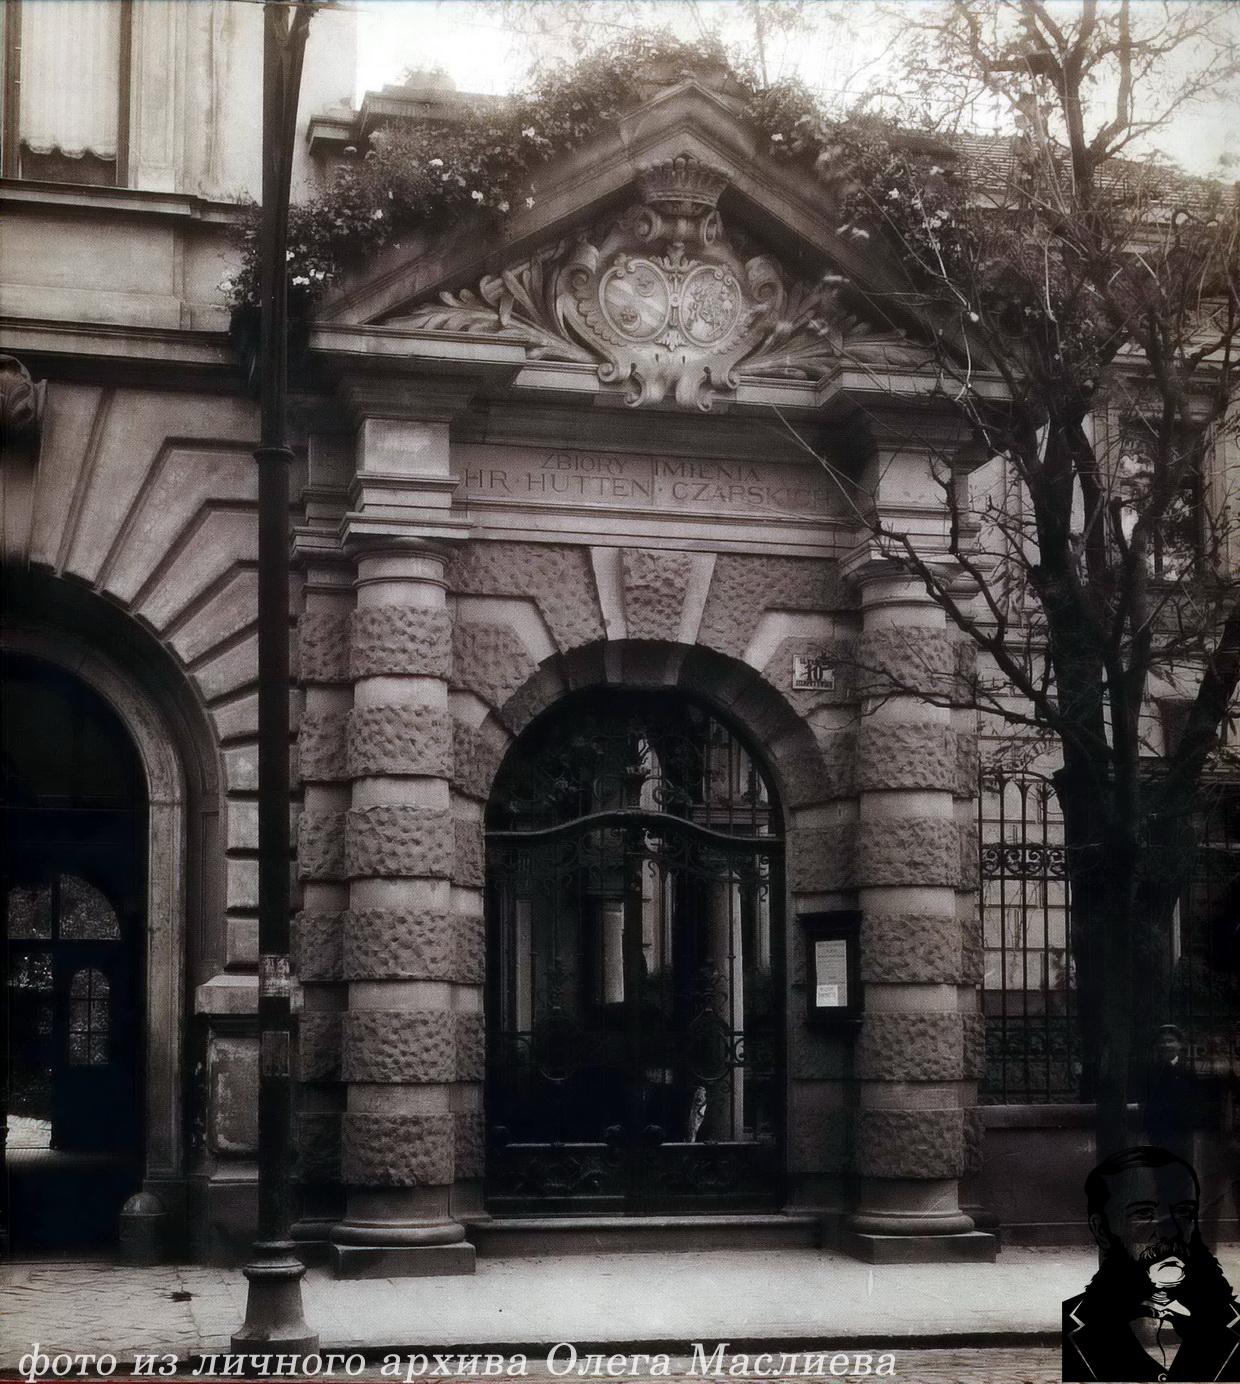 Здание в Кракове, где хранится собрание Гуттен-Чапских.